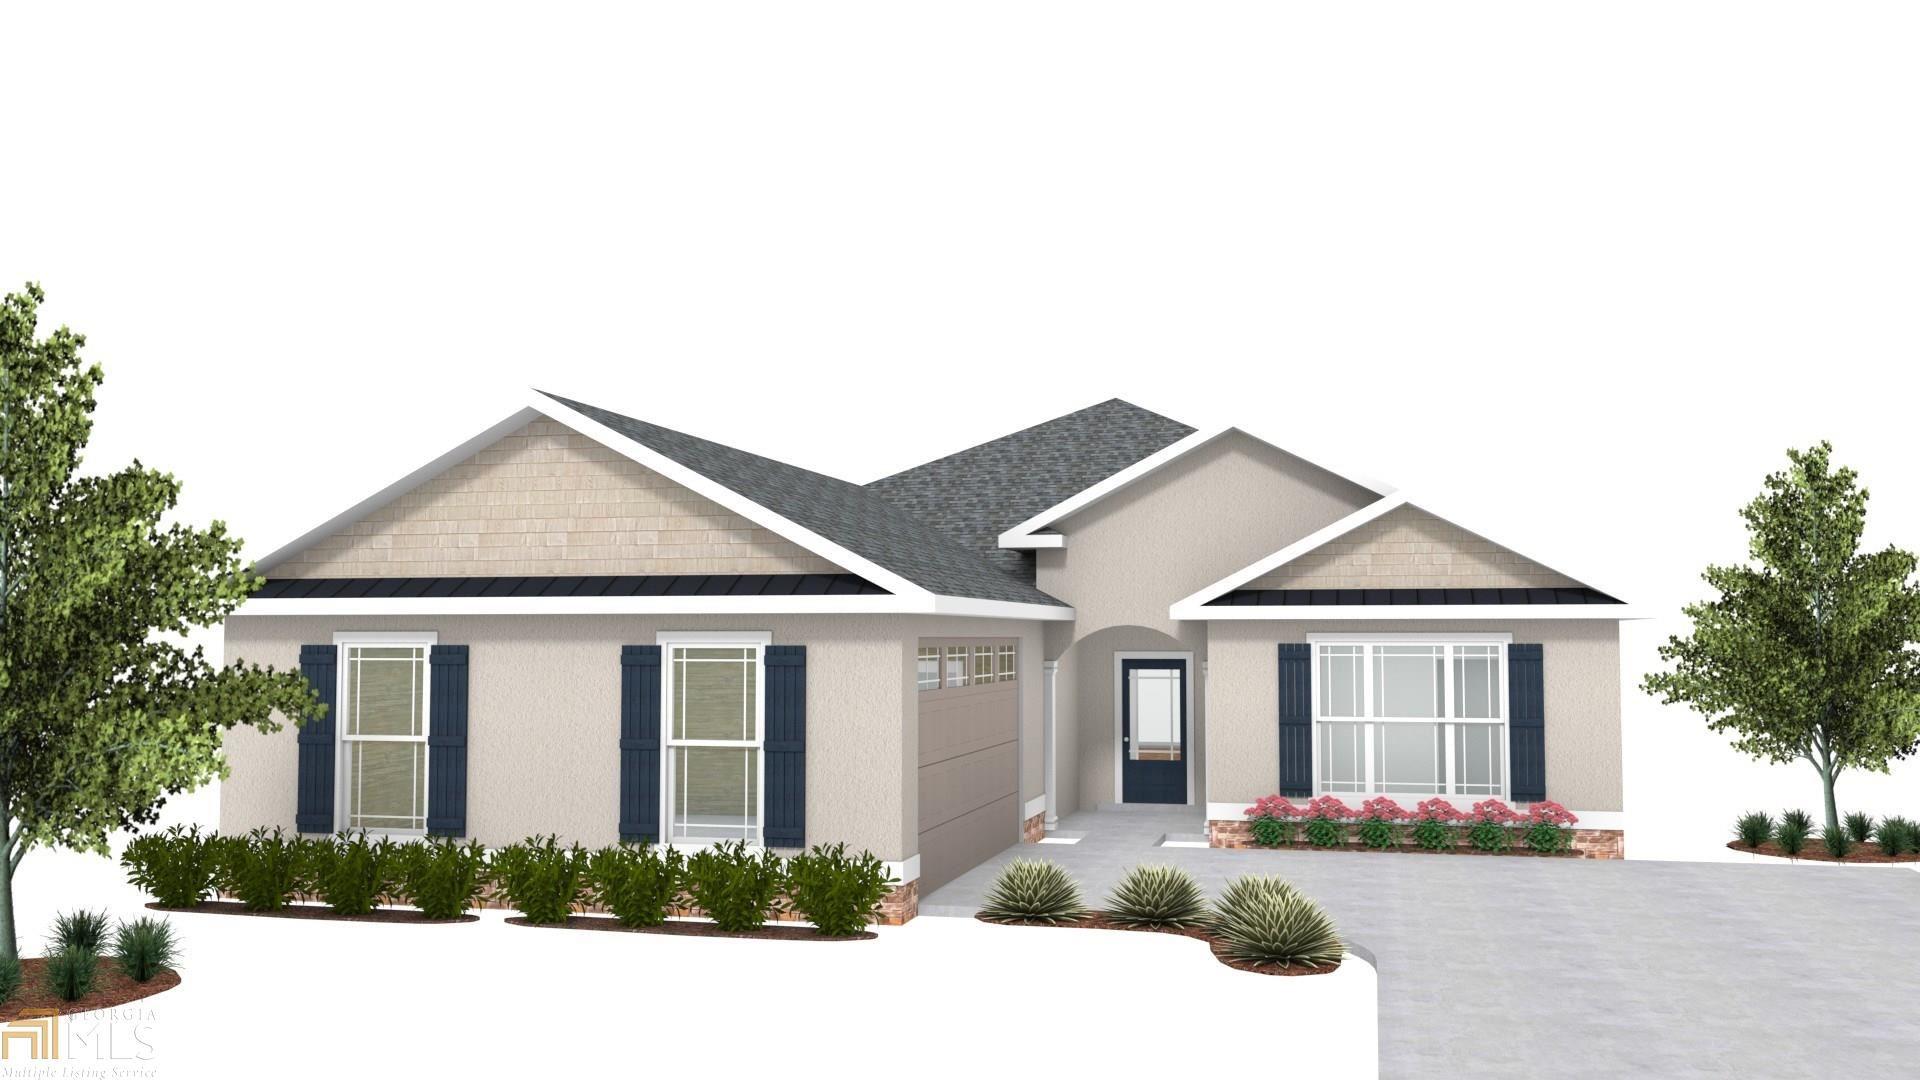 105 Madeline Taylor Pl, Kingsland, GA 31548 - MLS#: 8882785